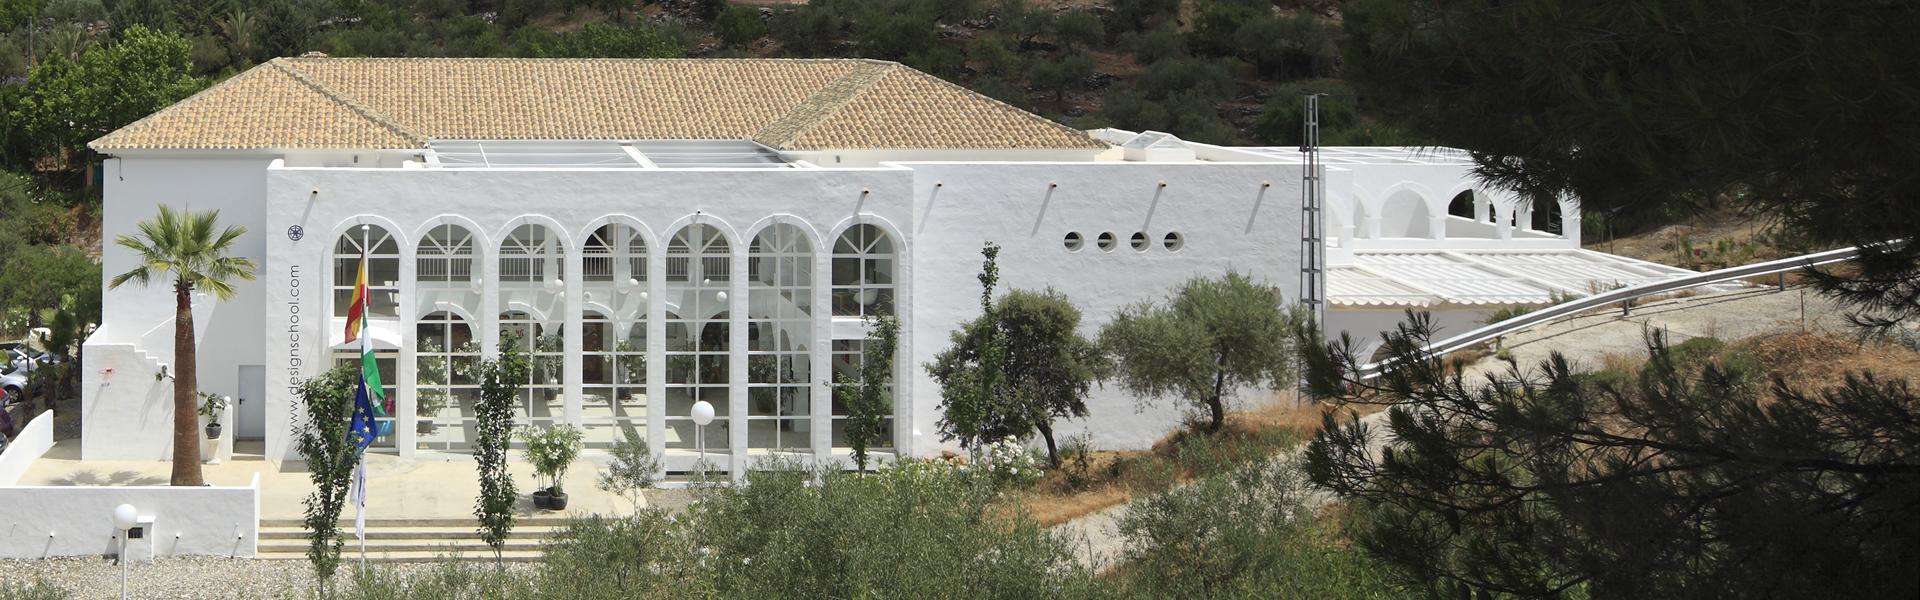 school - Marbella Design Academy